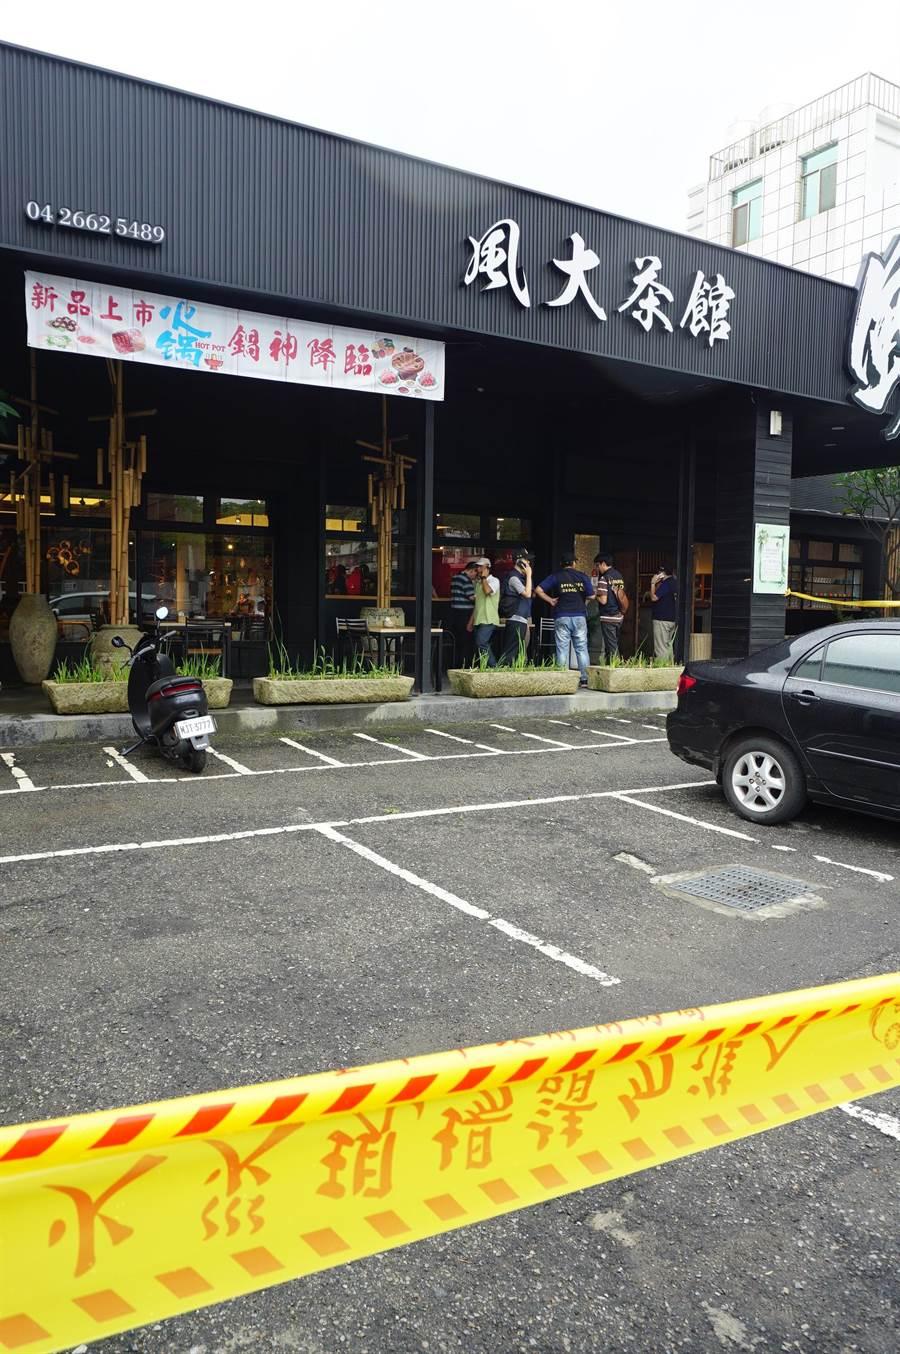 台中沙鹿風大茶館發生槍殺案,手無寸鐵的死男,遭2名持槍凶嫌追殺身亡。(王文吉攝)